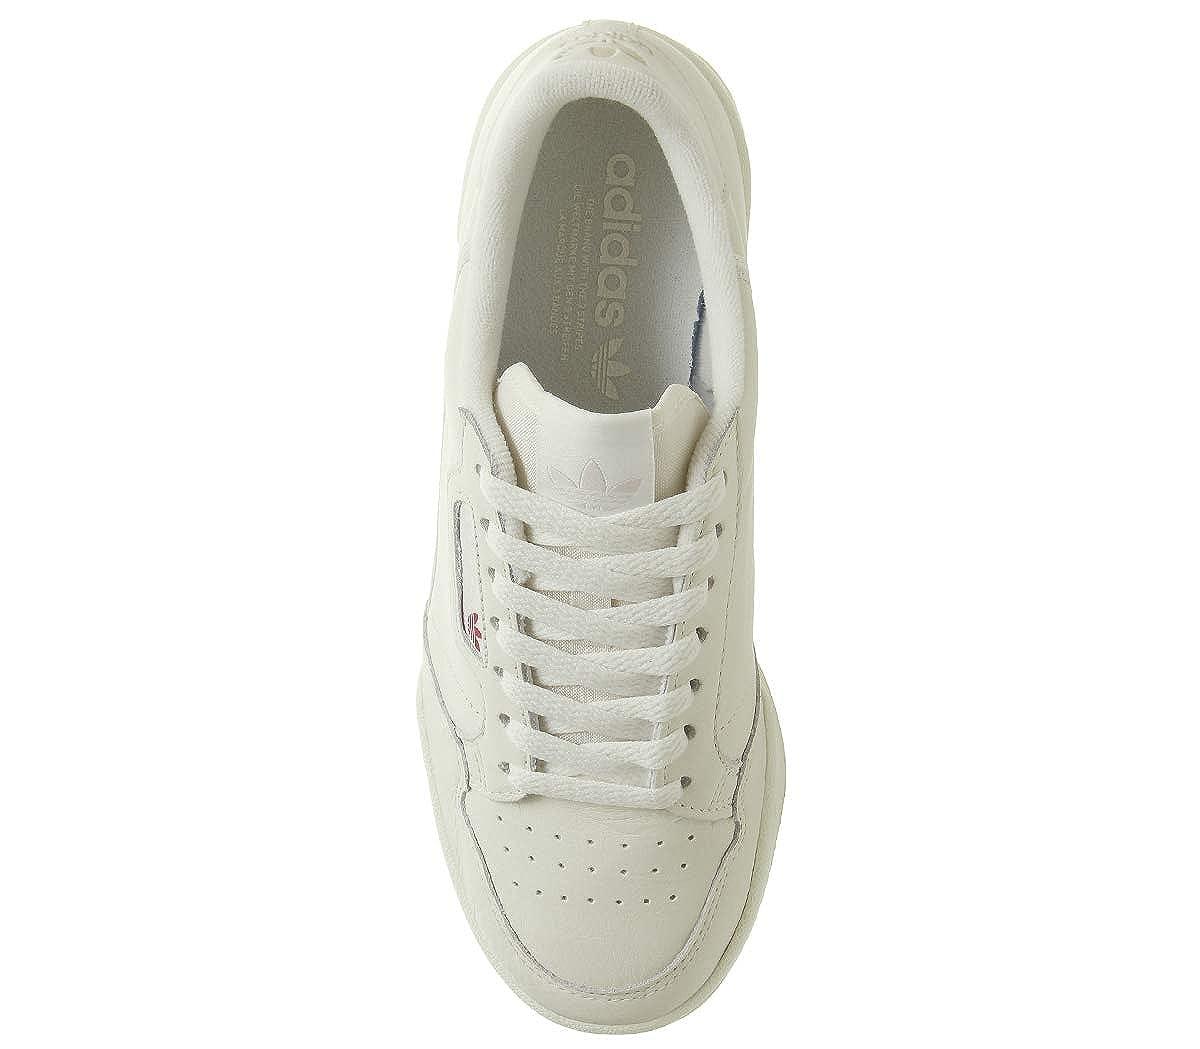 timeless design 6a8c4 434a8 adidas Herren Continental 80 Fitnessschuhe weiß  Amazon.de  Schuhe    Handtaschen